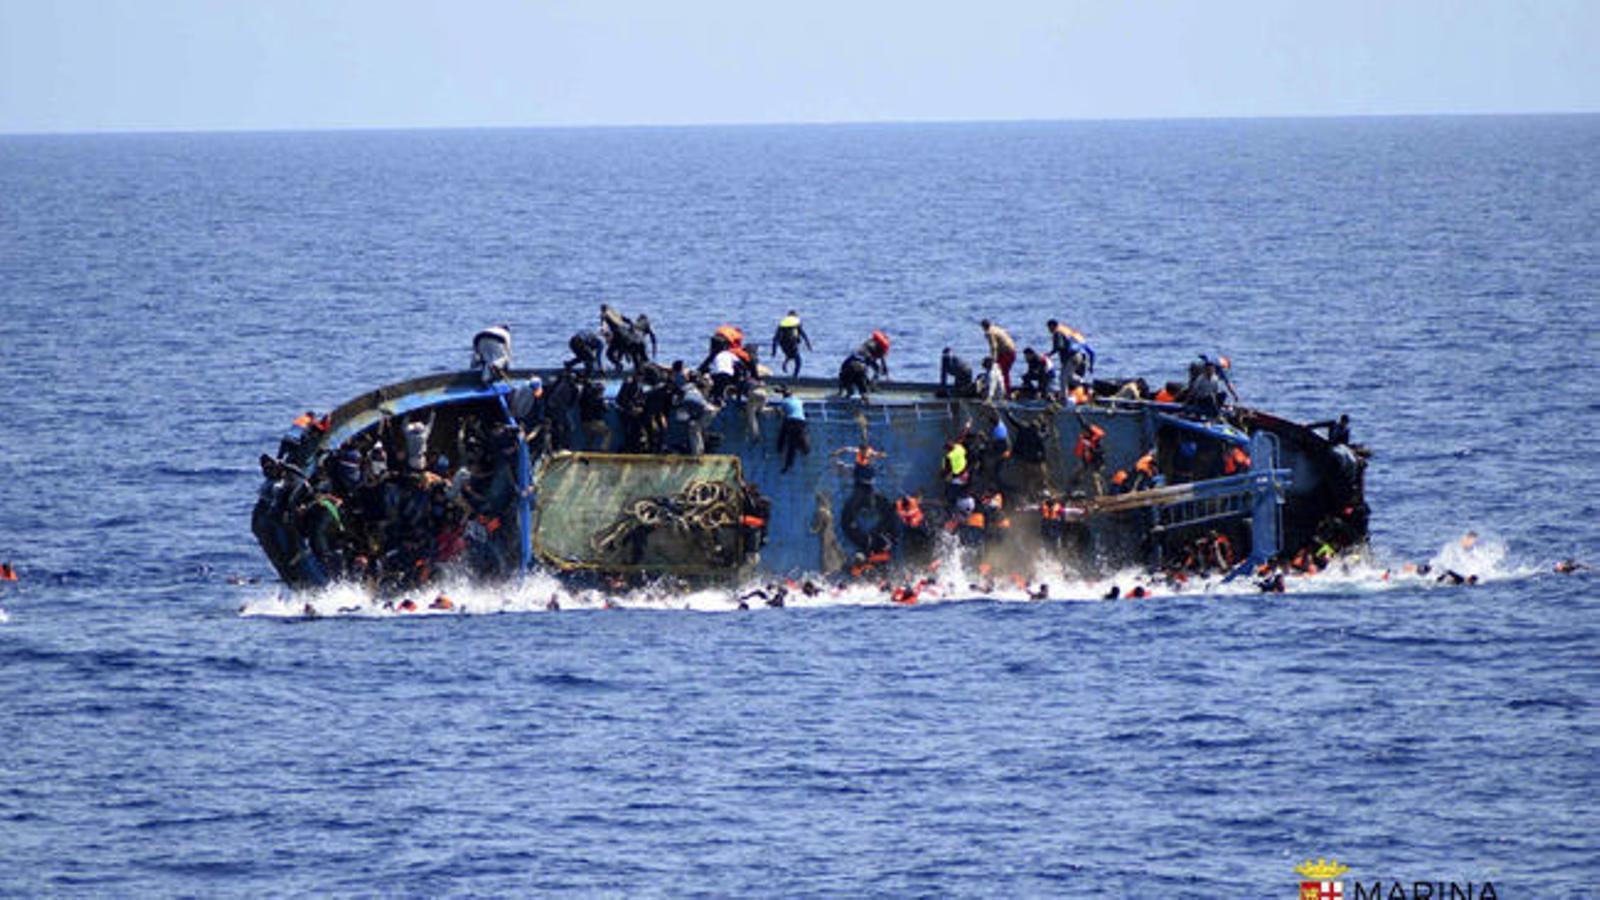 Imatges del rescat per part de la Marina Italiana de la pastera naufragada a Líbia